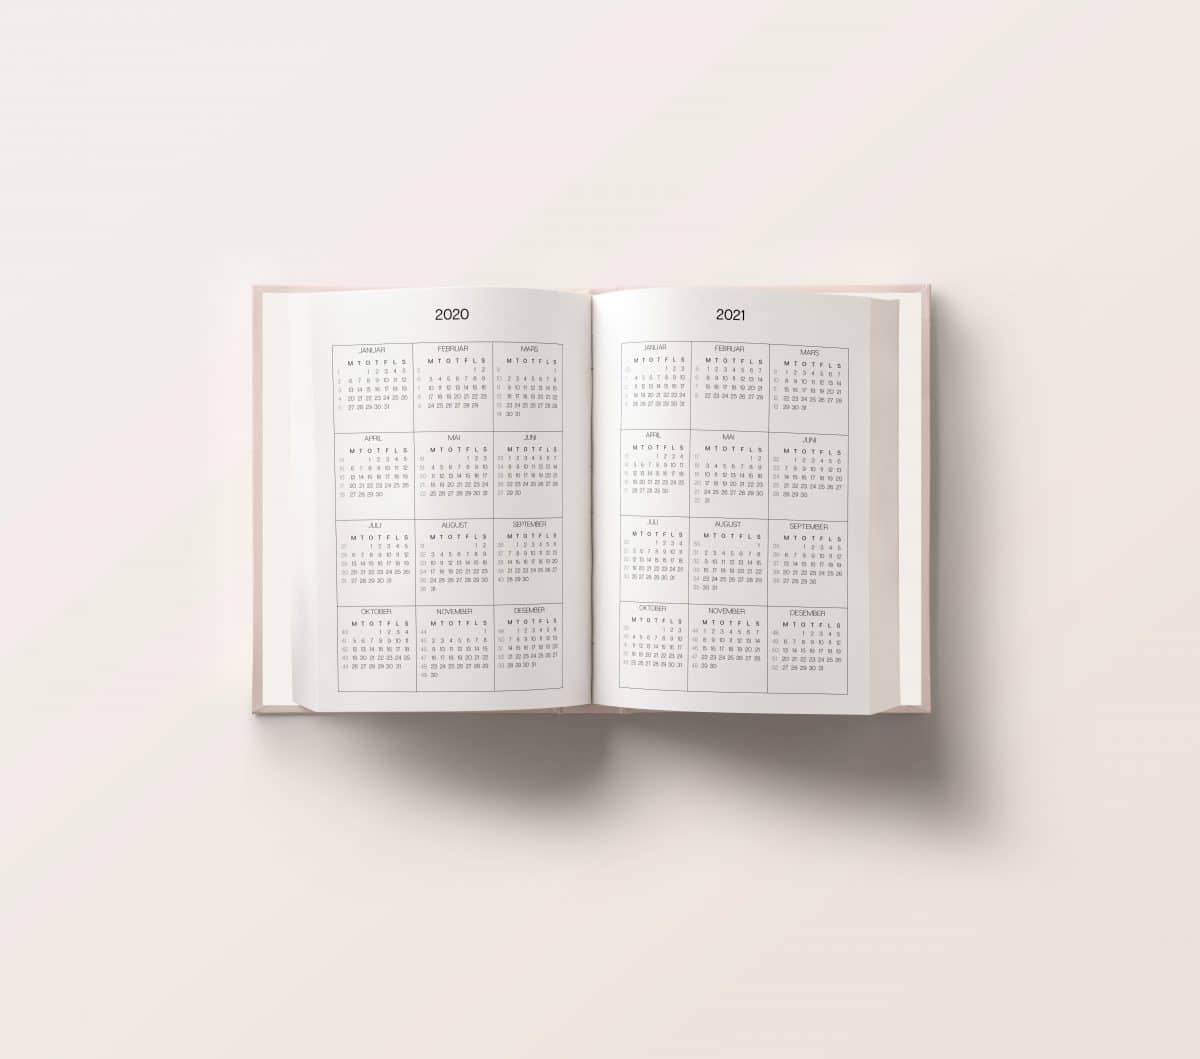 Vår planlegger for 2020er designet for å gi deg oversikt over alle gjøremål, planer og mål du har satt deg: jobb/studier | familie, reise og livsstil| økonomi| trening og selvpleie. Perfekt størrelse slik at du enkelt kan ta den med deg i vesken!